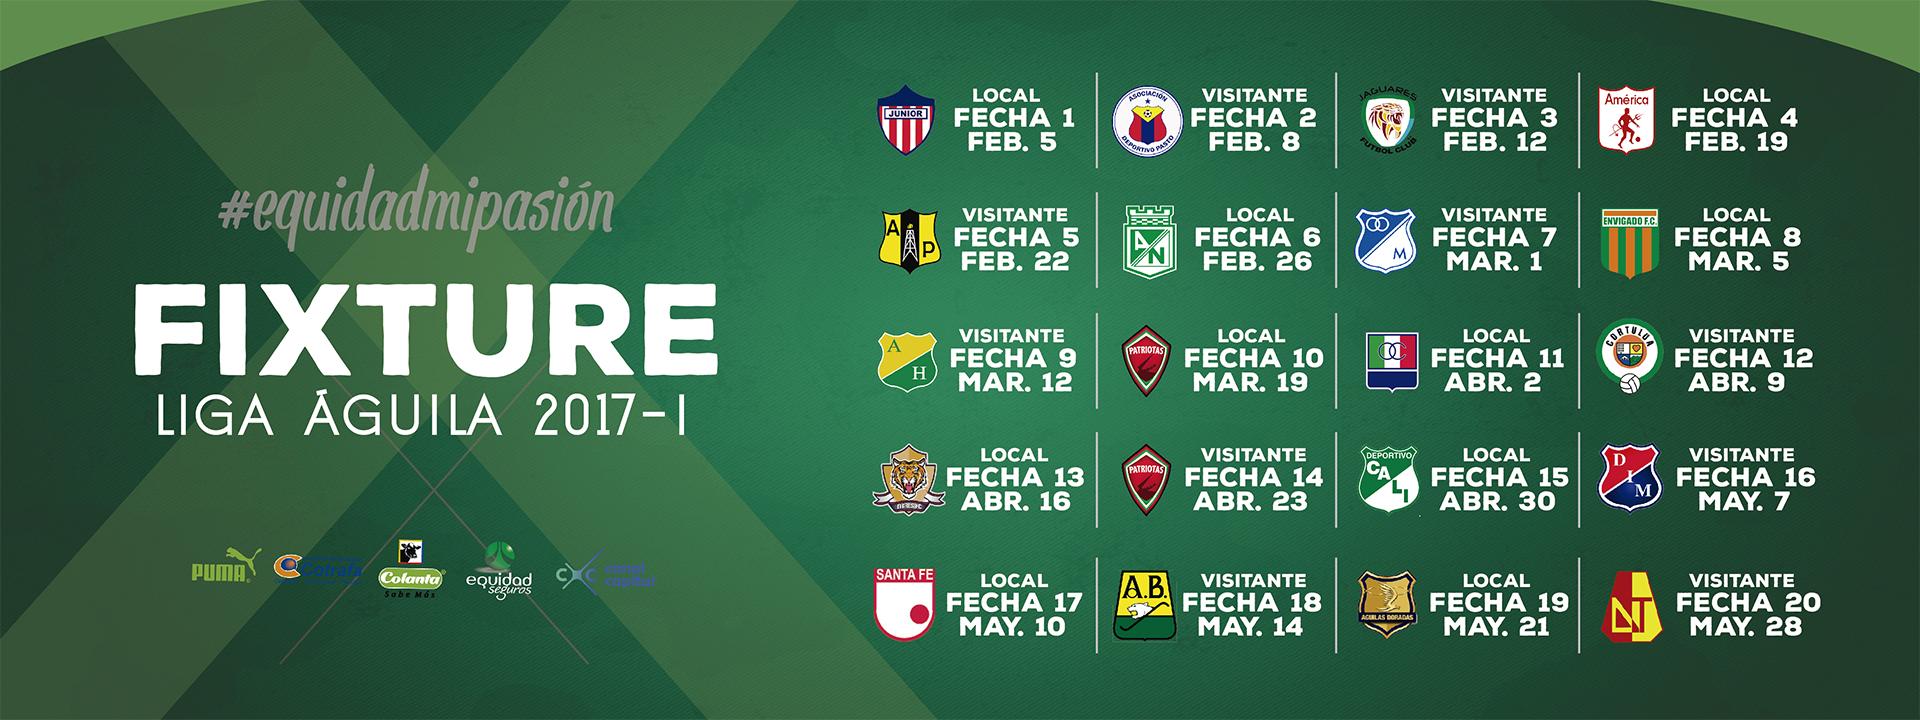 fixture 2017-l-02